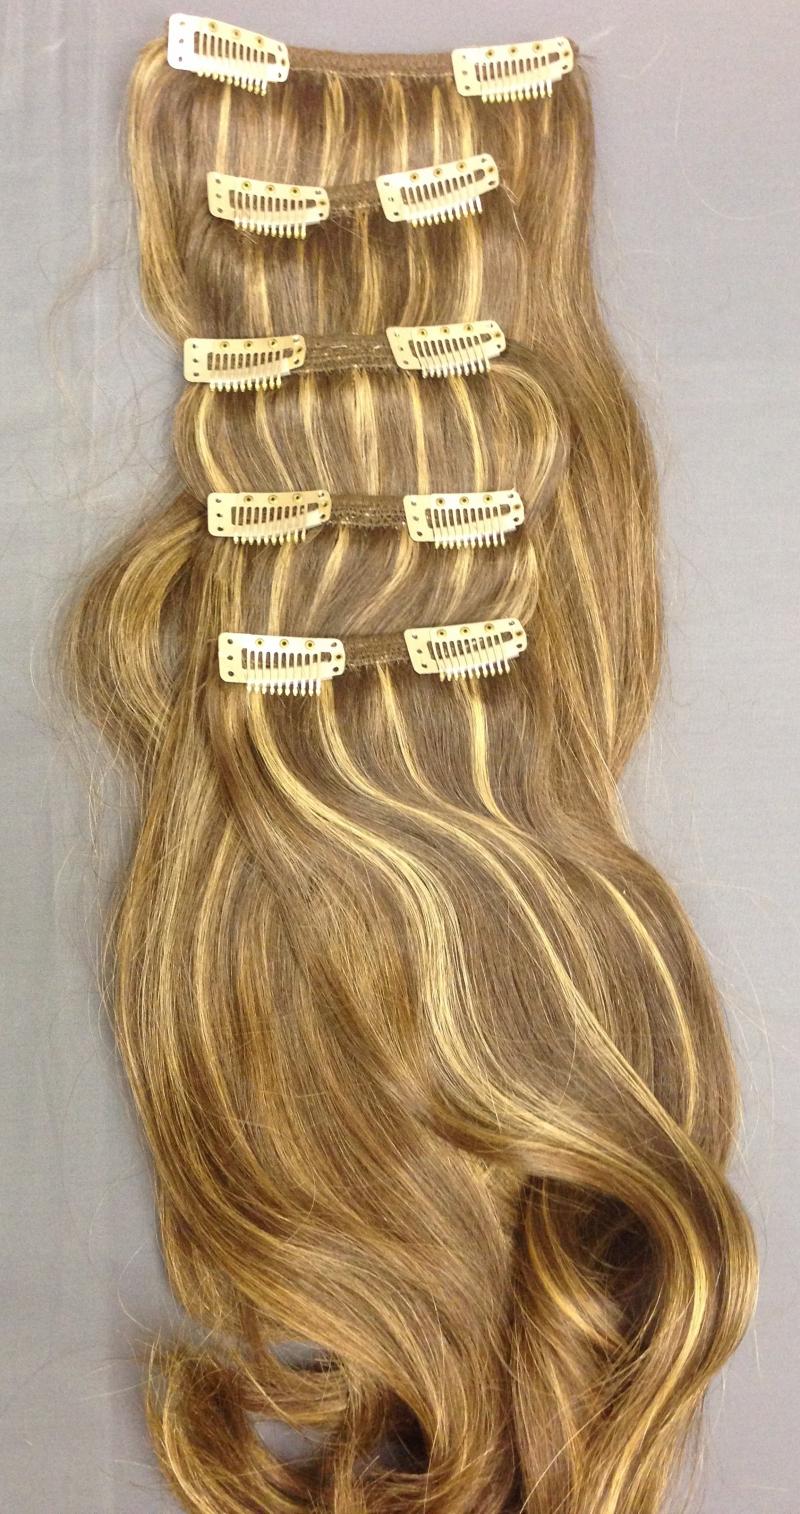 Прически с волосами на клипсах фото